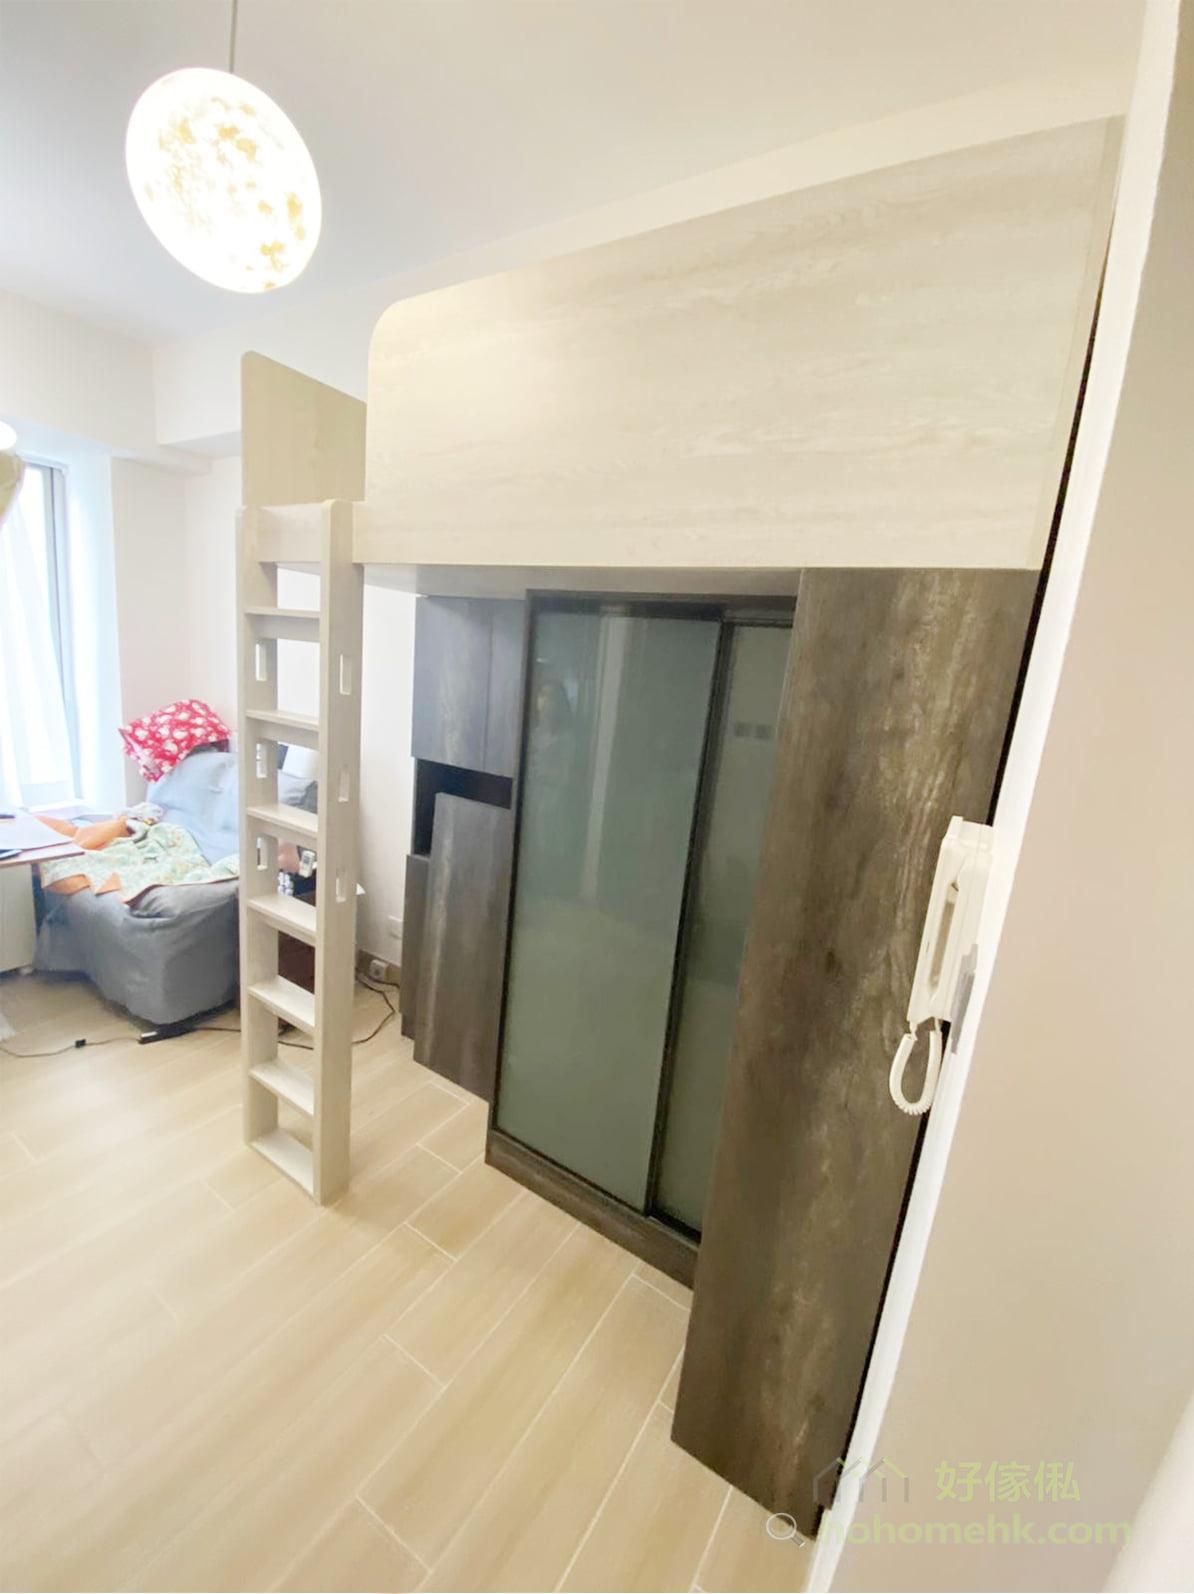 閣樓設計可以將客廳的活動區和休息區透過不同高度劃分成不同的空間,這樣對活動與休息的質素都有所提升